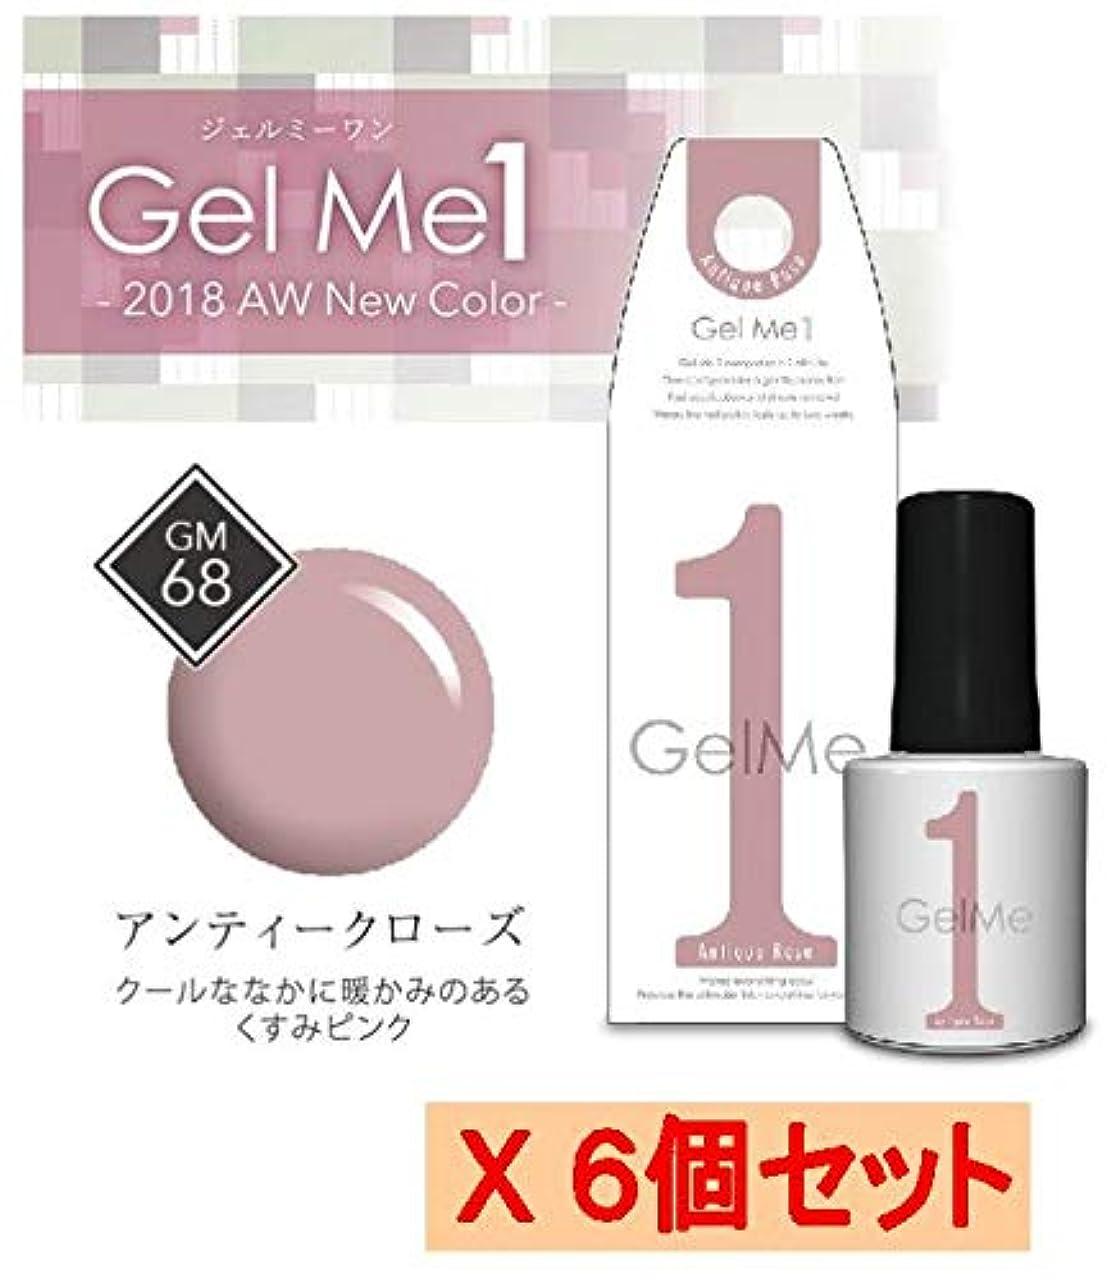 プラグトランジスタ予算ジェルミーワン[GelMe1] GM-68 アンティークローズ 【セルフ ジェルネイル ジェル】 X6個セット